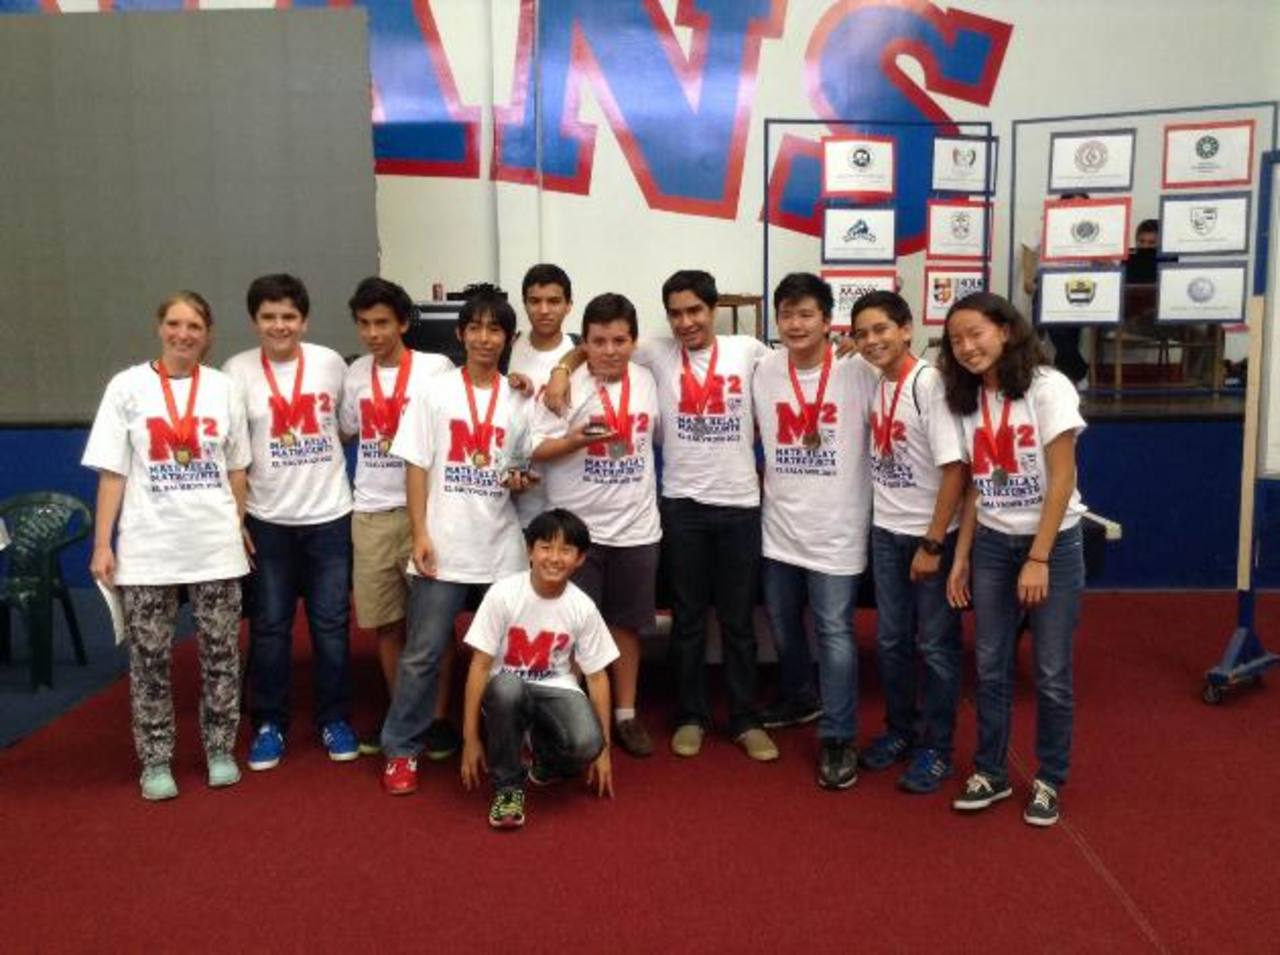 Grupo de estudiantes de la ABC ganadores en MATHCOUNTS. Ahora se disponen a viajar a México para medirse con estudiantes de ese país.fotoS edh / Omar Martínez